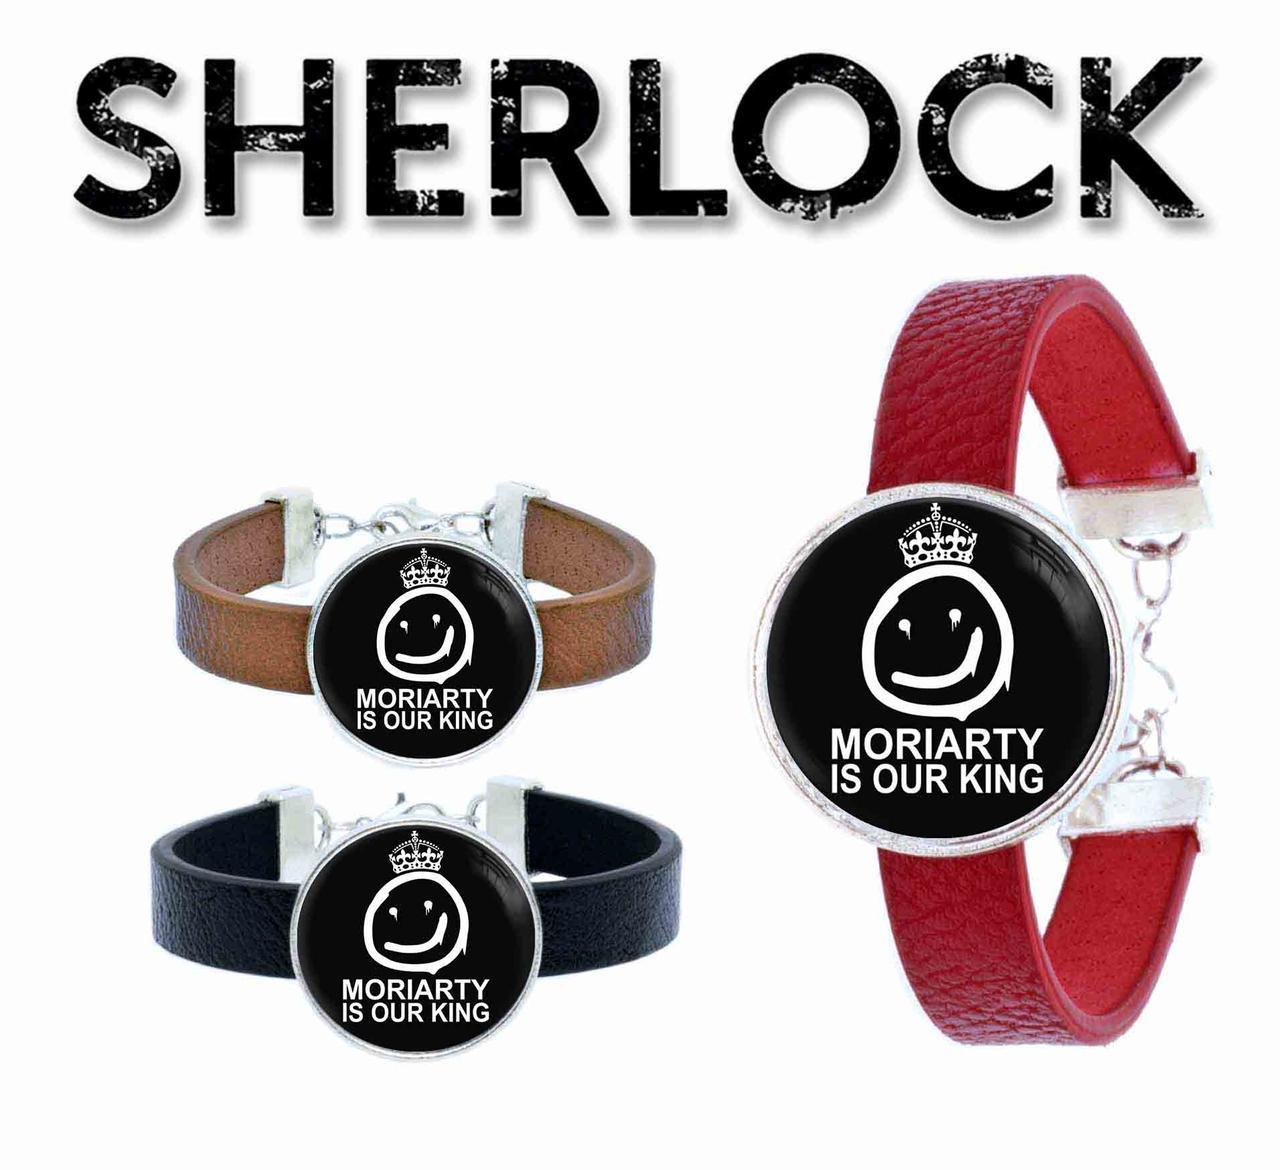 Браслет Мориарти наш король Шерлок / Sherlock